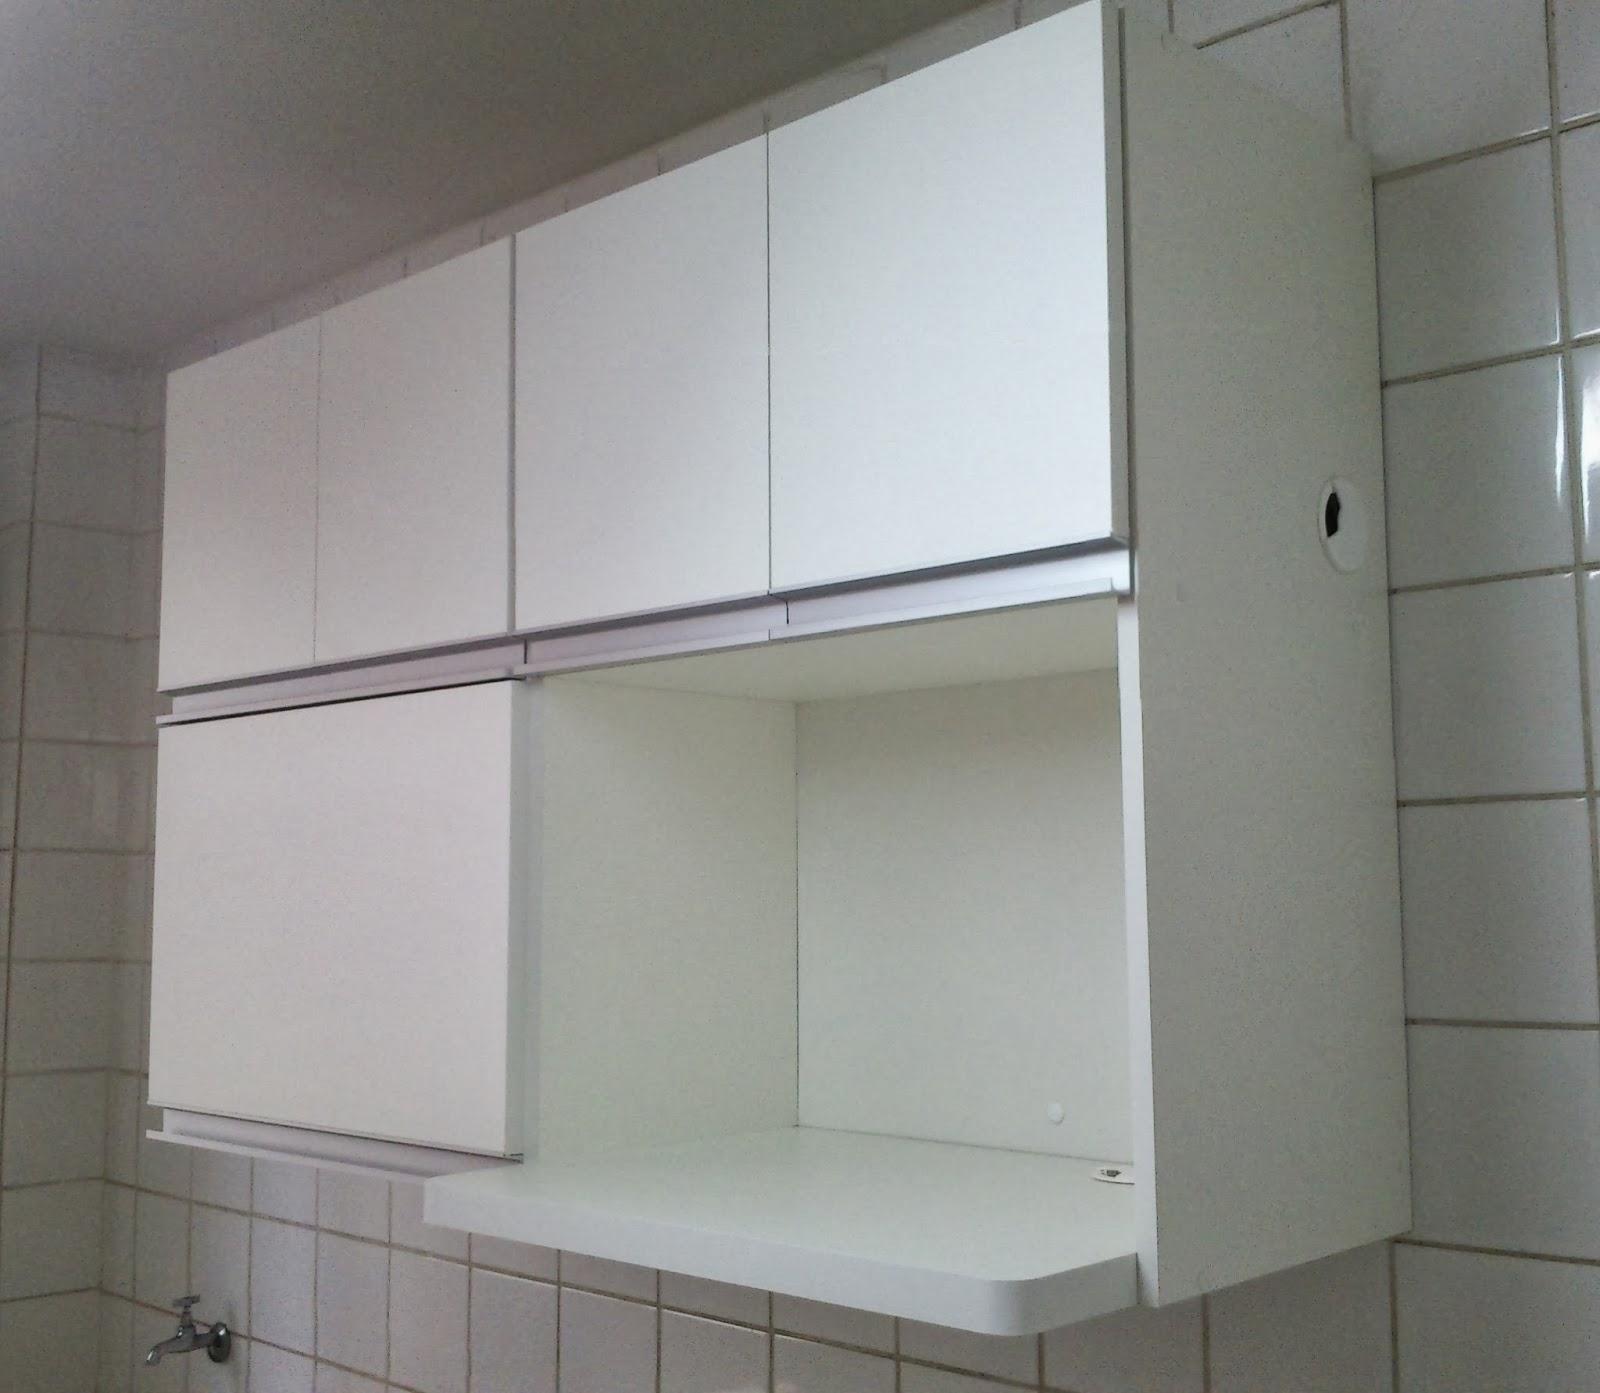 Armario De Cozinha Planejado De Aluminio Beyato Com V Rios  ~ Armarios De Cozinha Suspenso